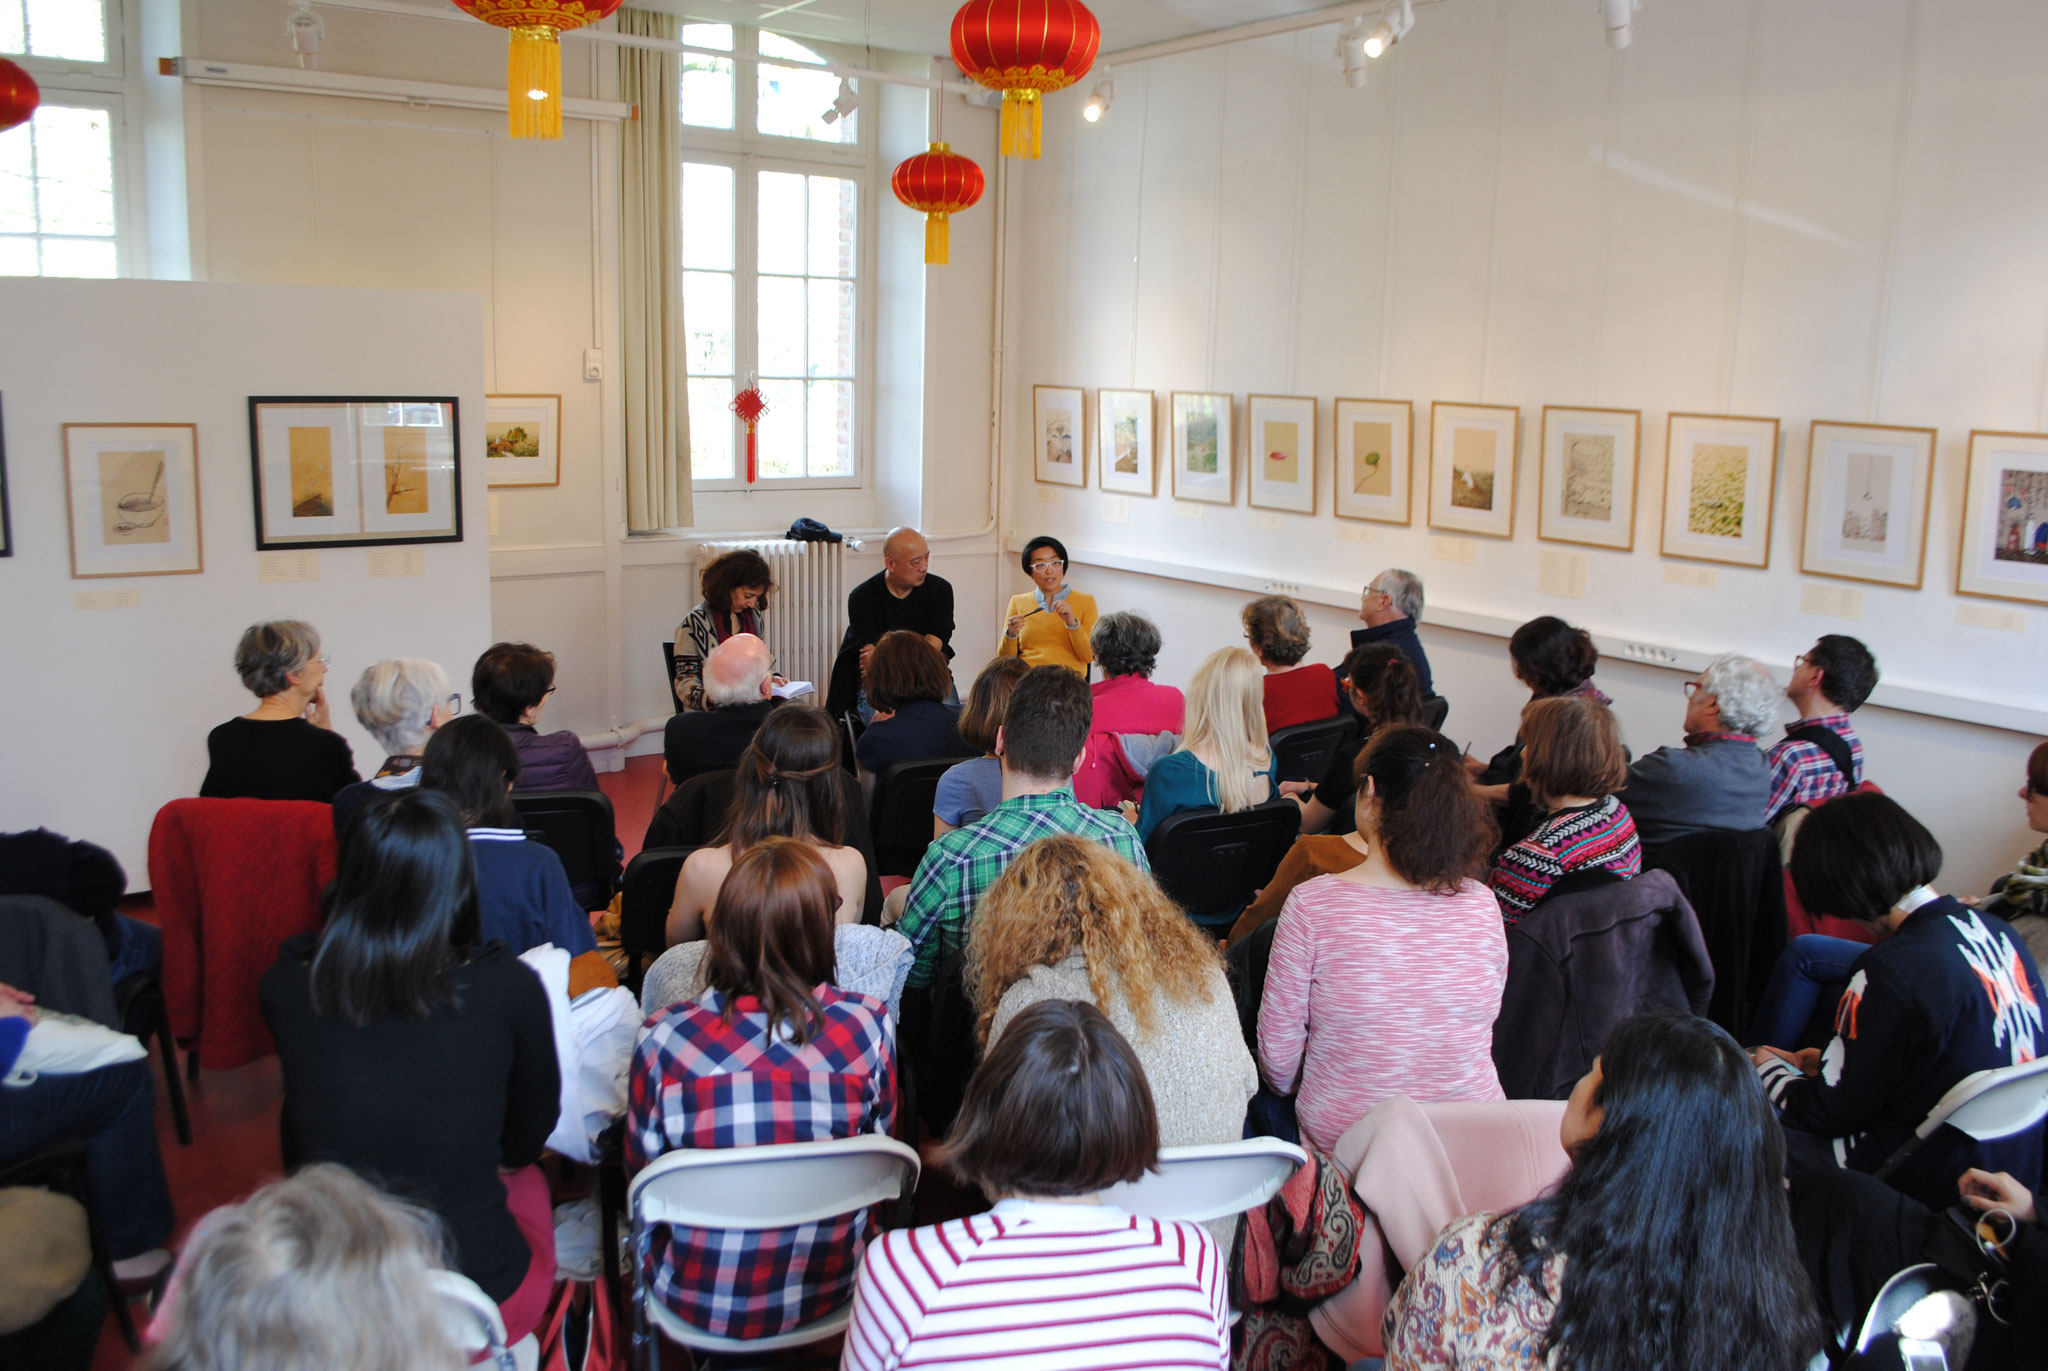 布列塔尼孔子学院邀请画家老树-画展开幕见面会